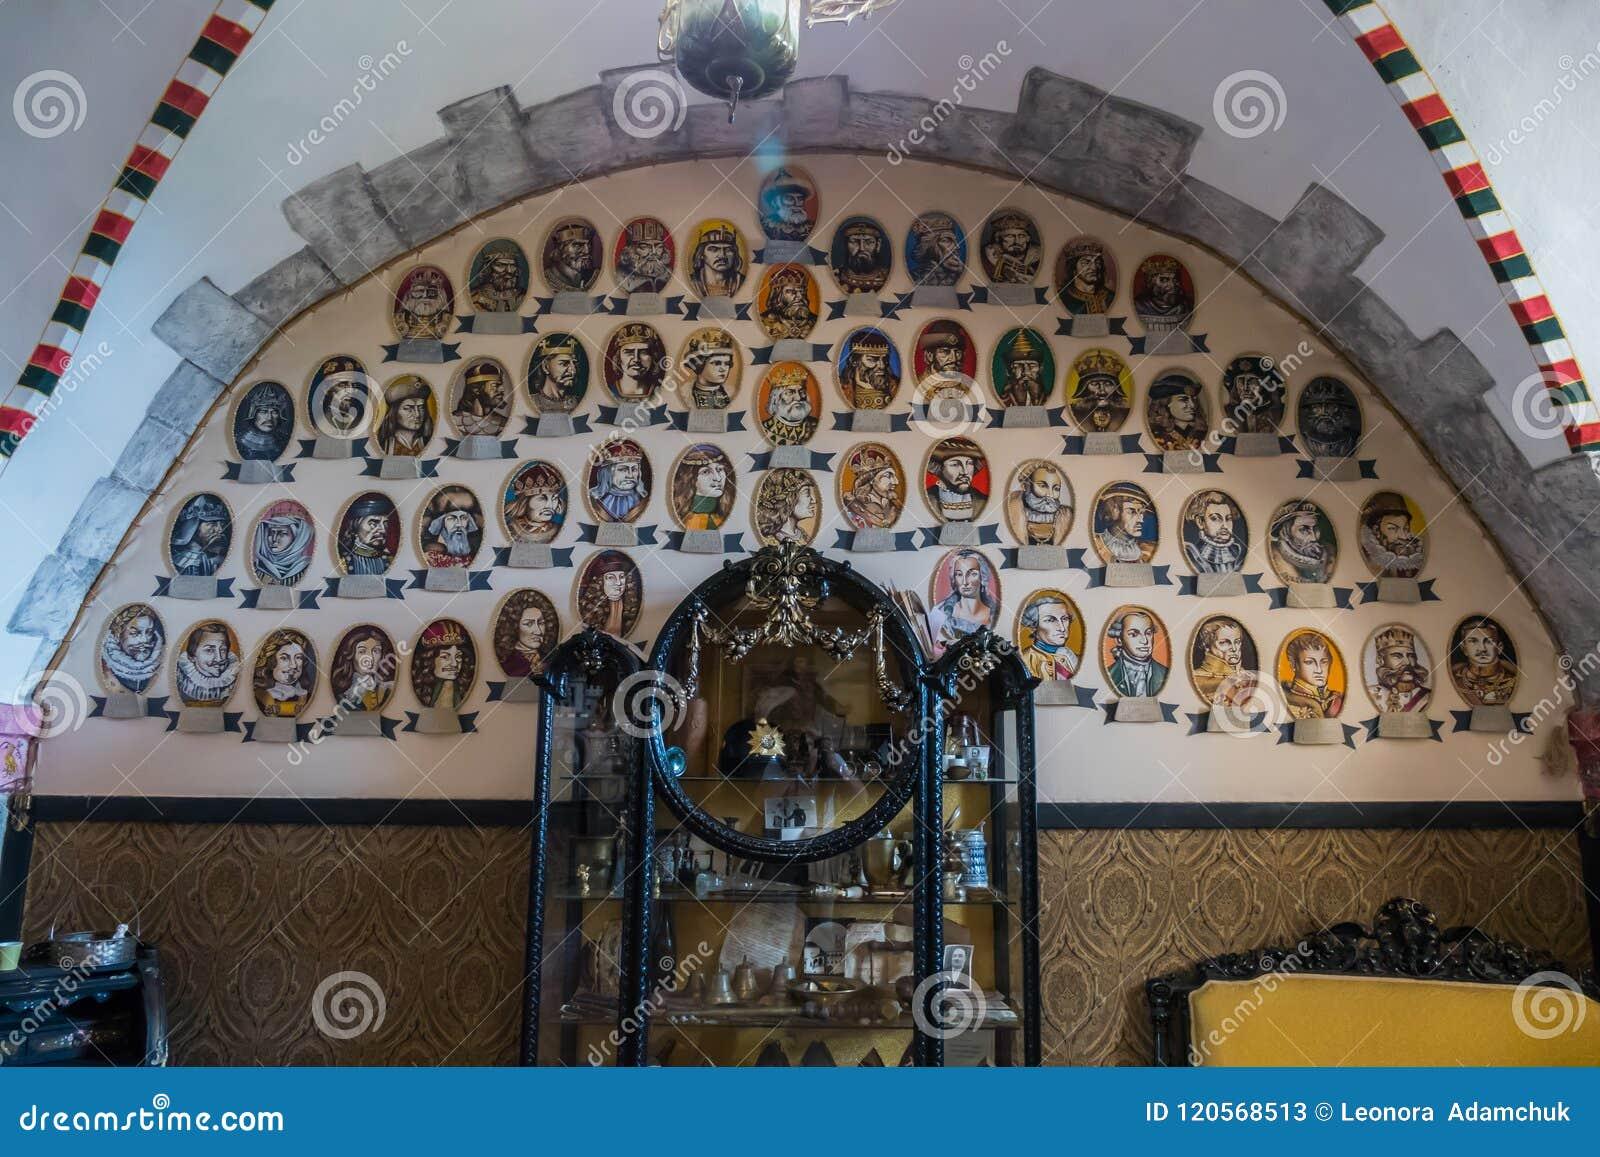 Une image de la généalogie des chiffres historiques aussi bien que les objets exposés et les meubles célèbres de musée